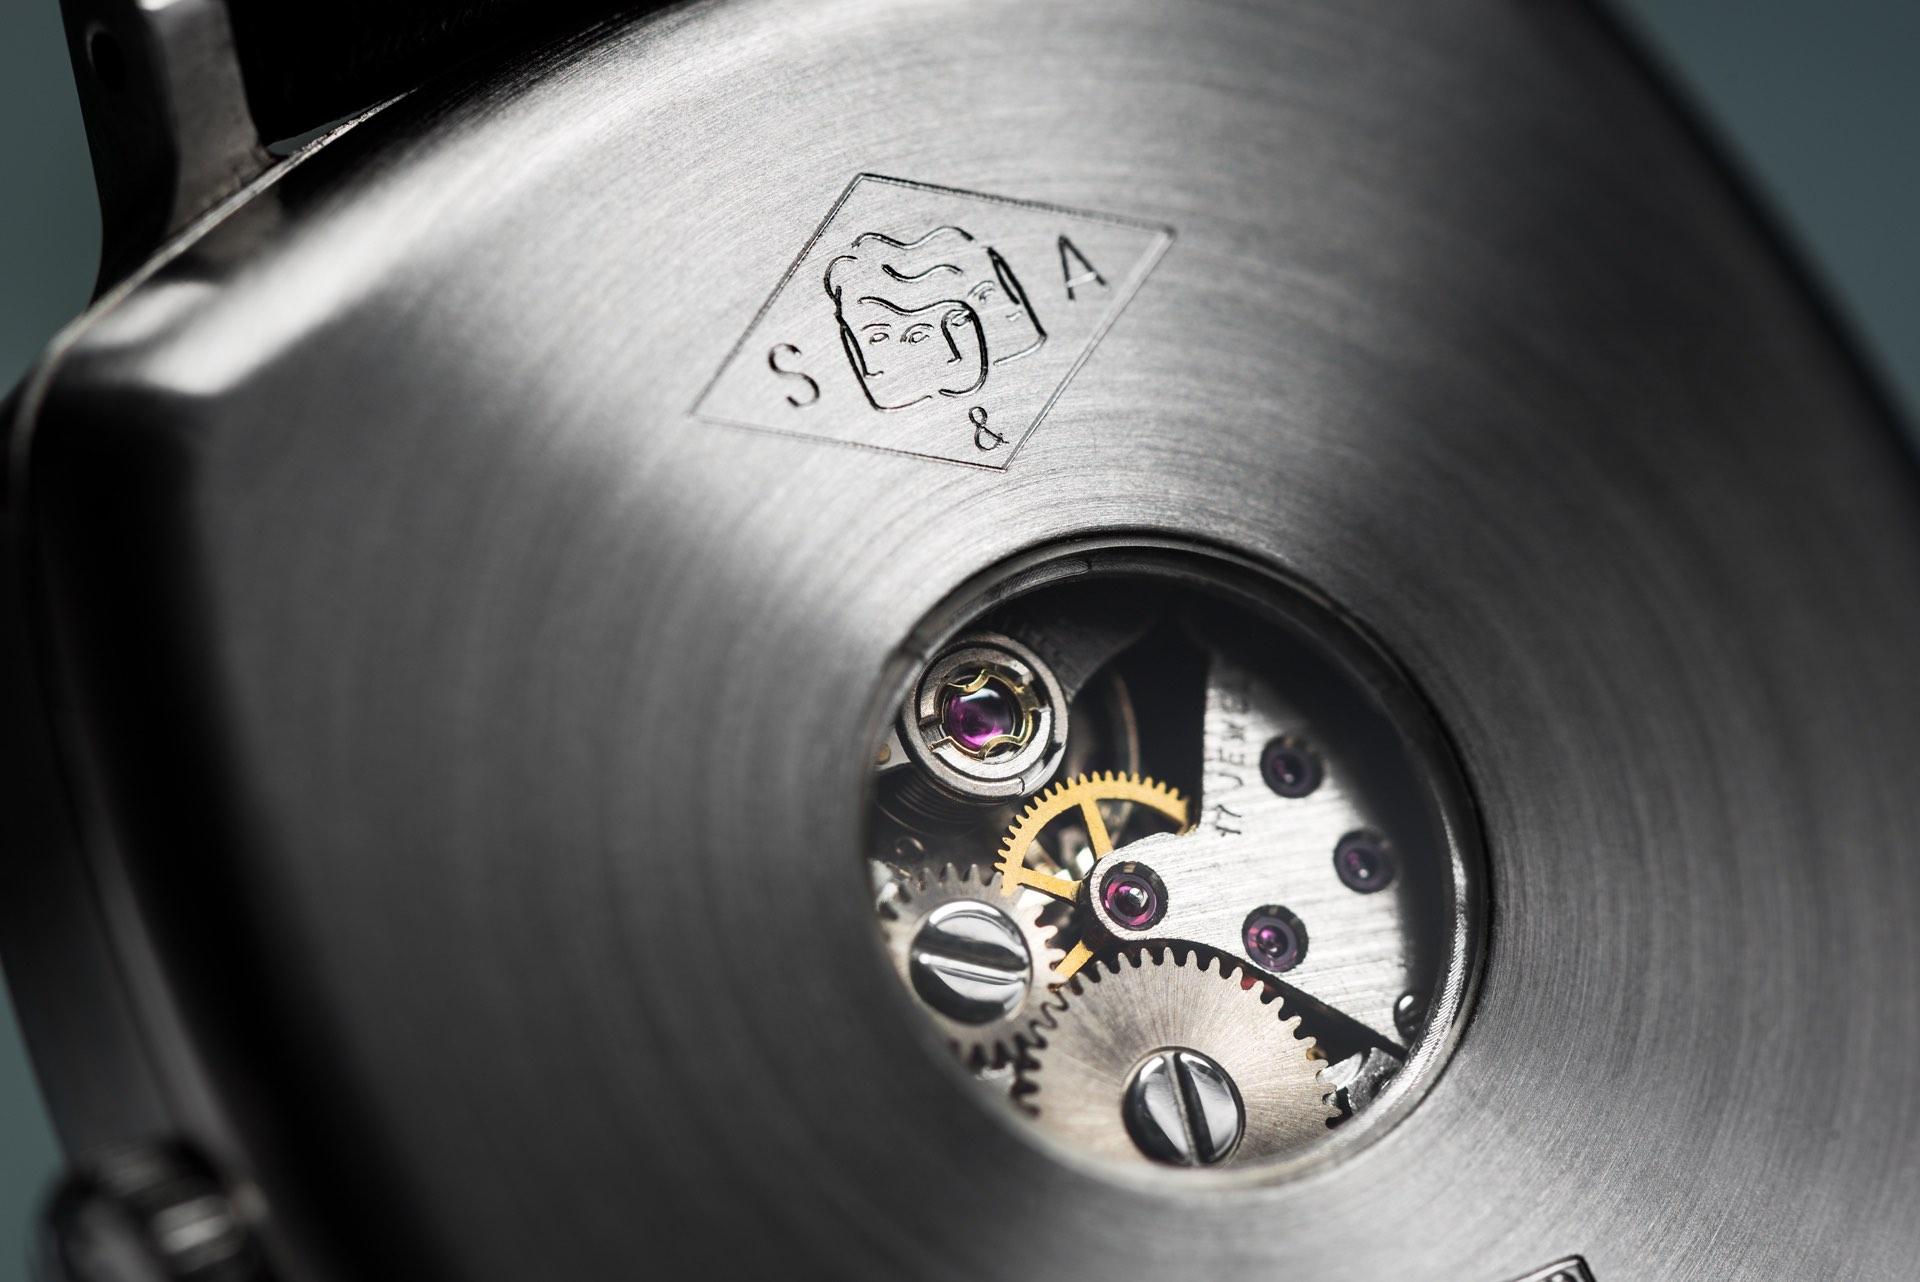 Semper Adhuc new Watches Vintage Movements Kickstarter - 10